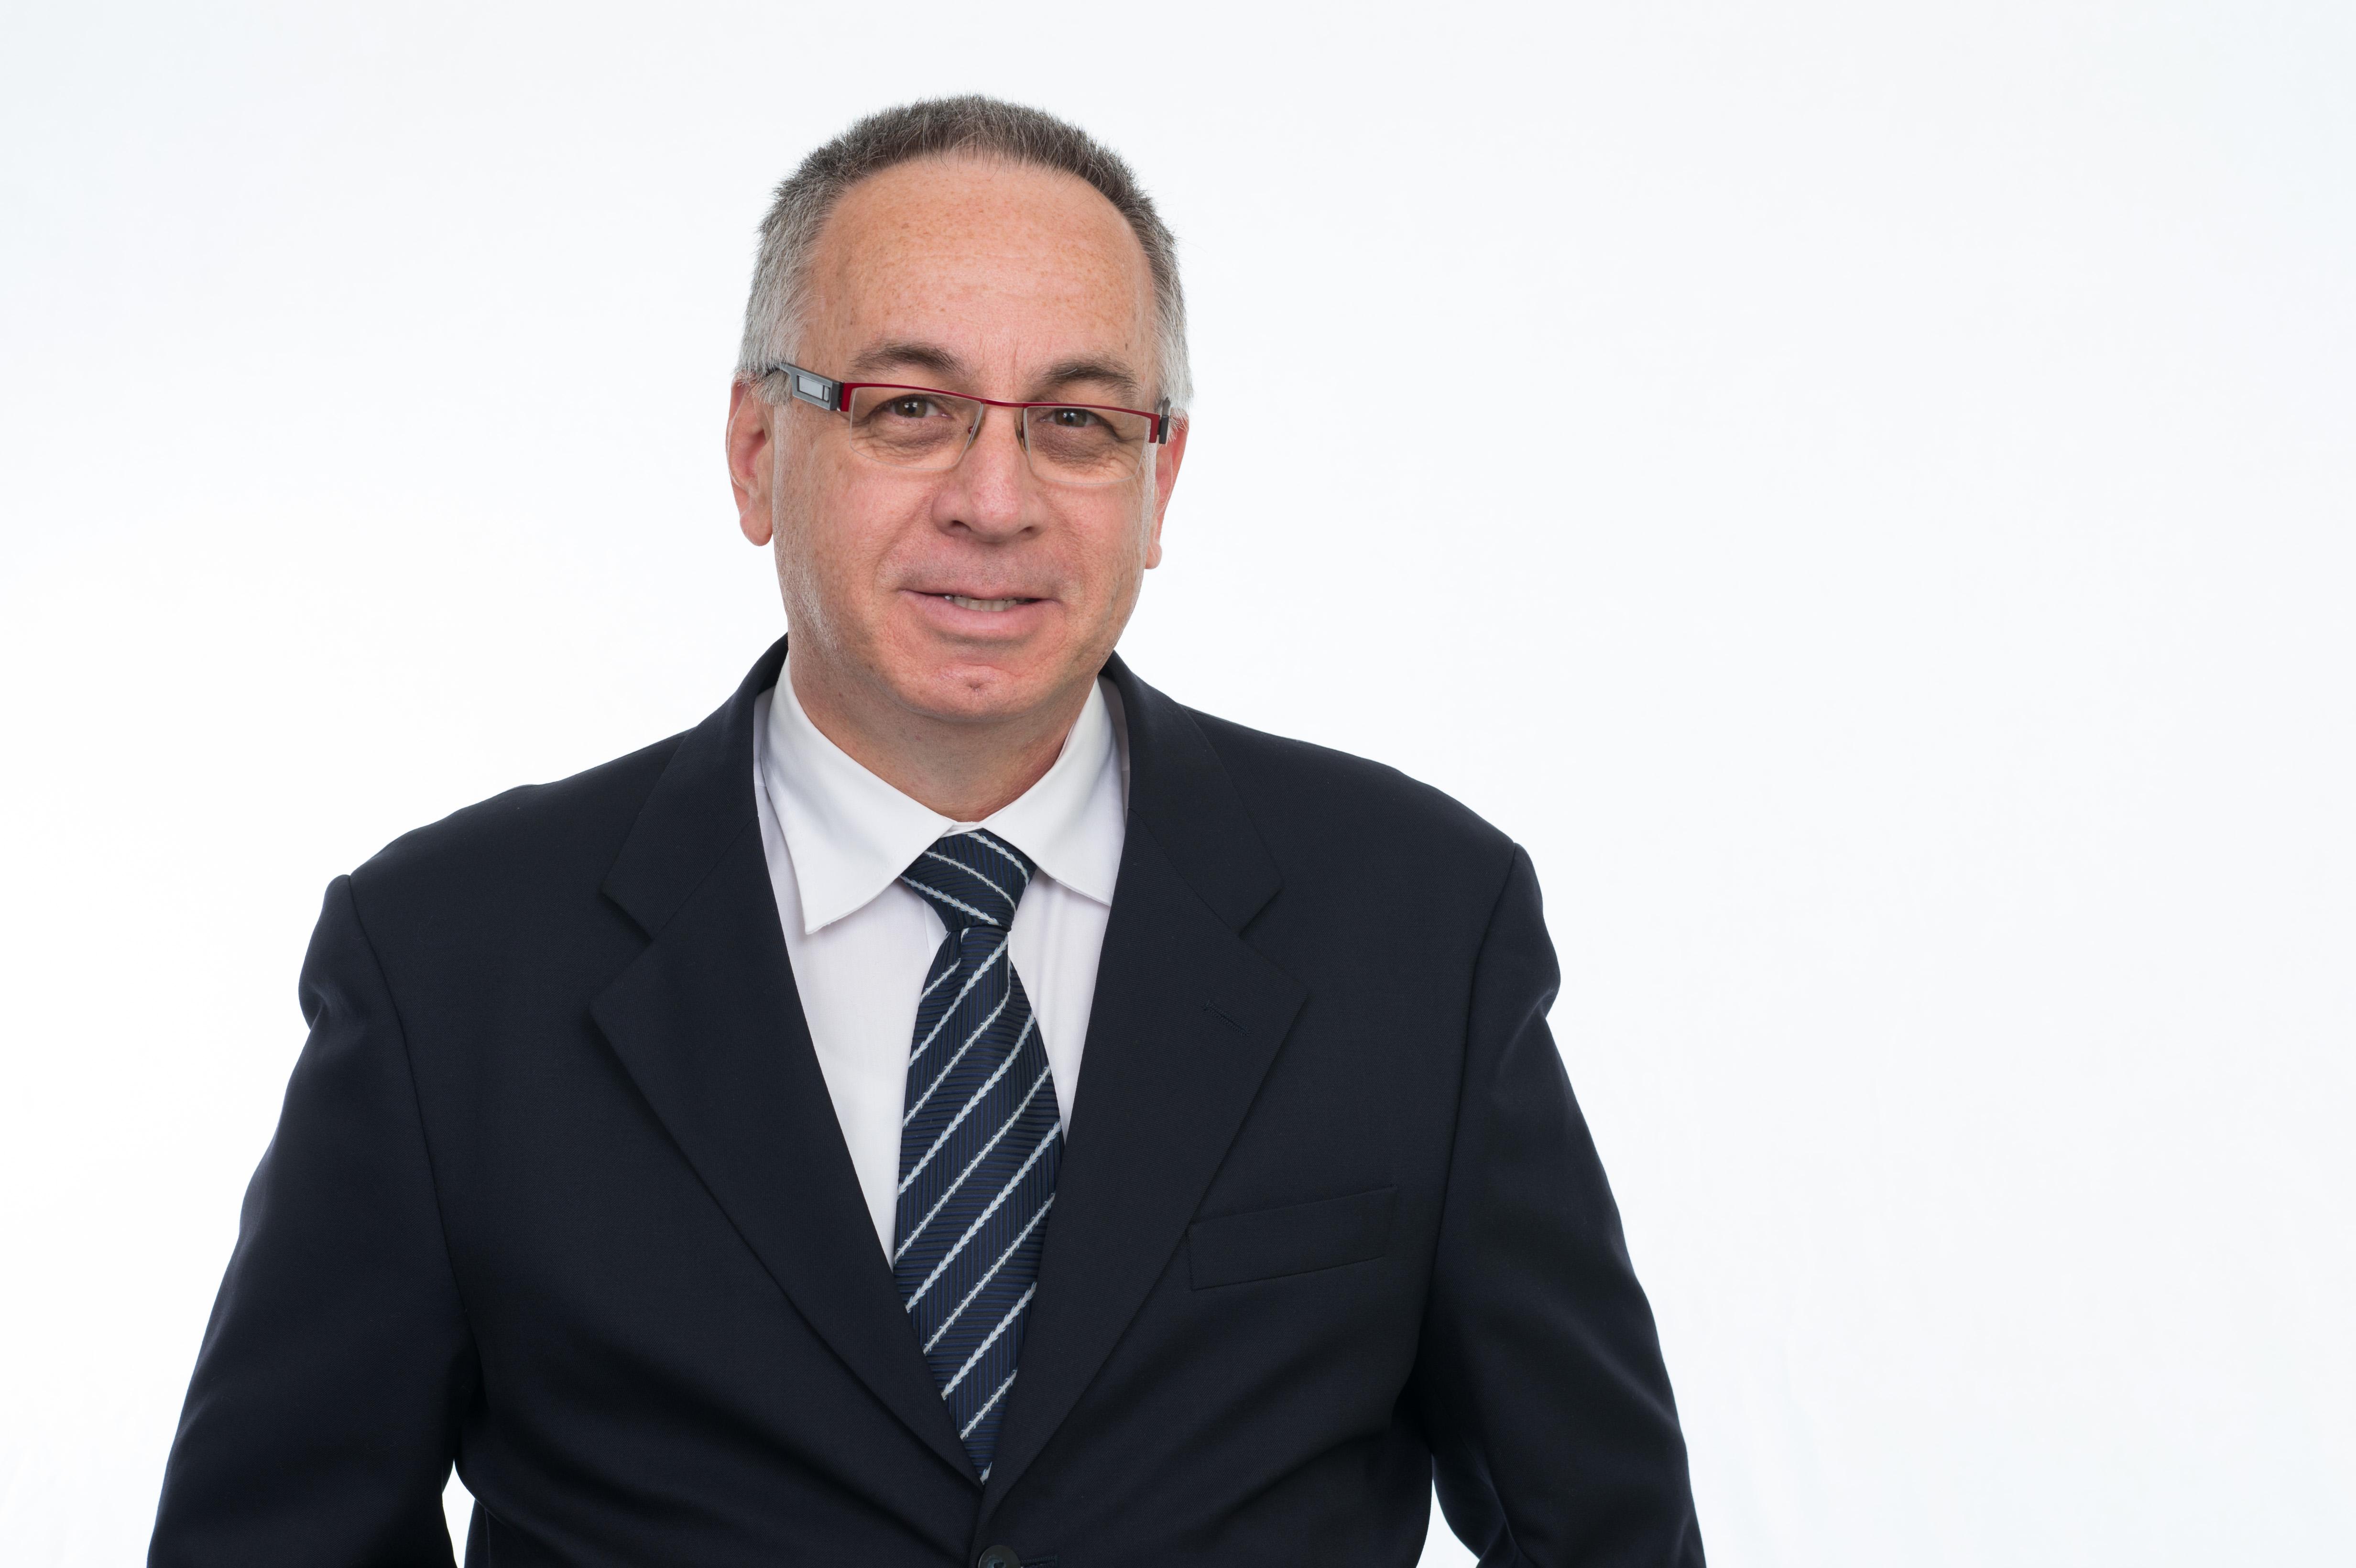 ירון הרלינג - מנהל מחלקת פרוייקטים